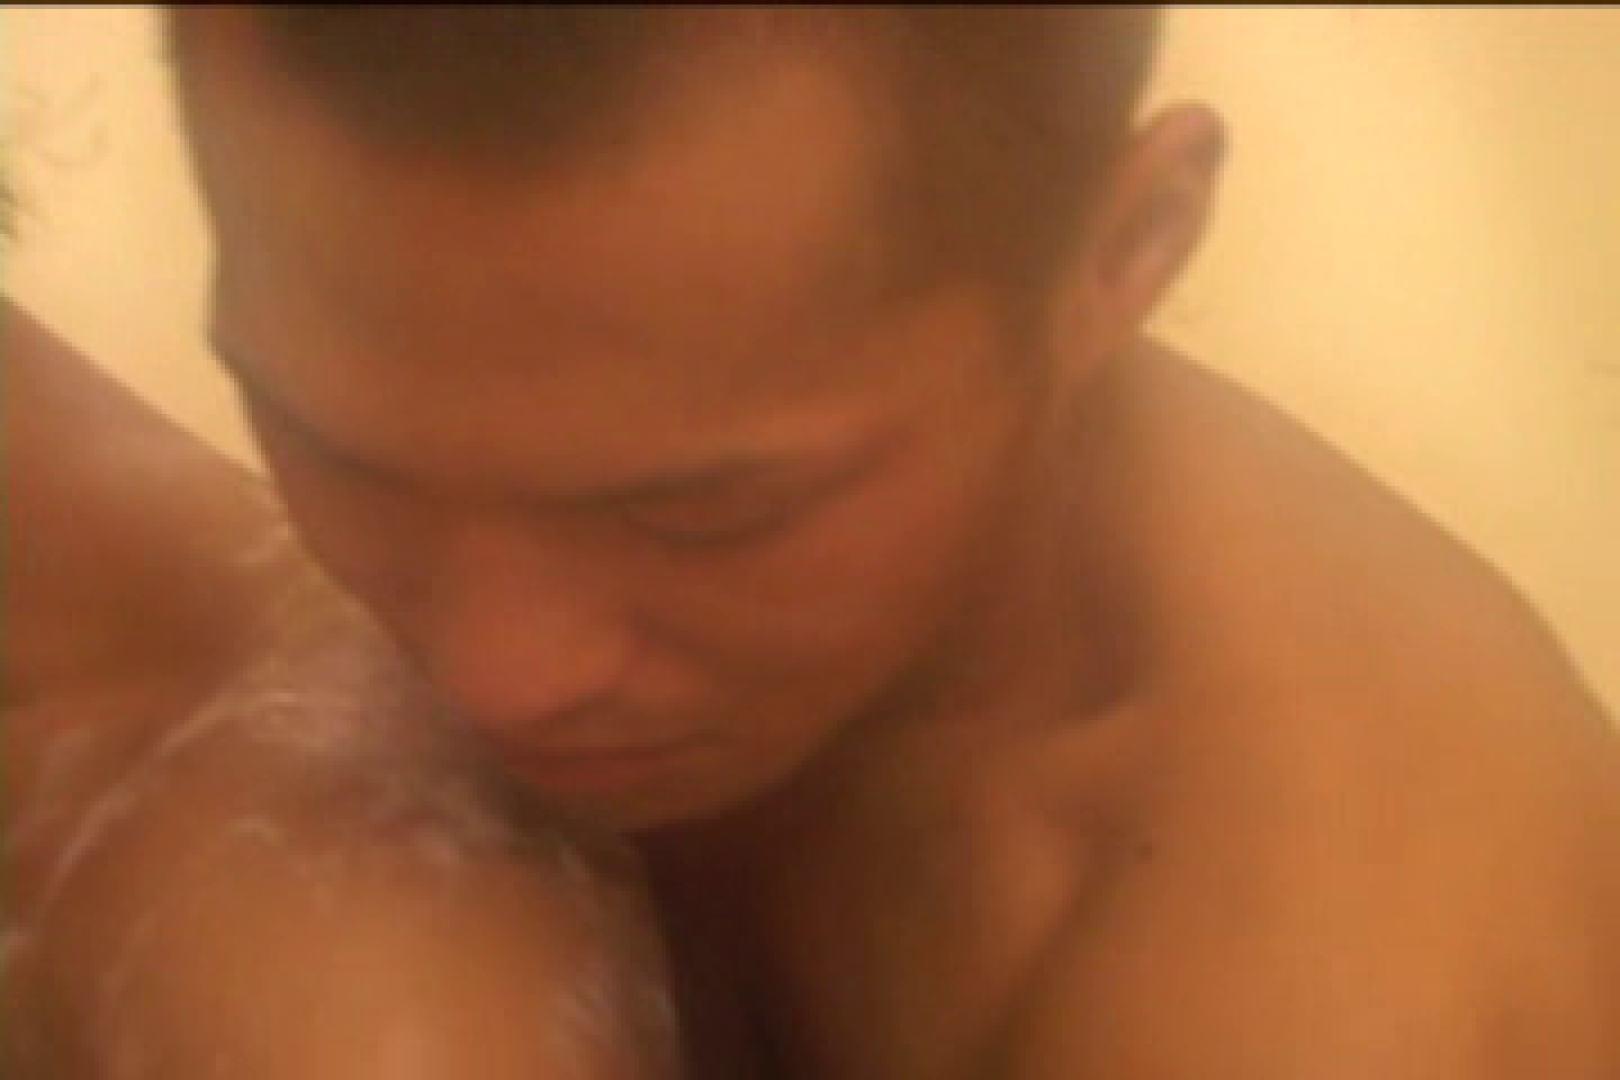 光り輝く男たちのロマンシングメモリー!!vol.08 エロ ゲイ射精画像 59枚 29